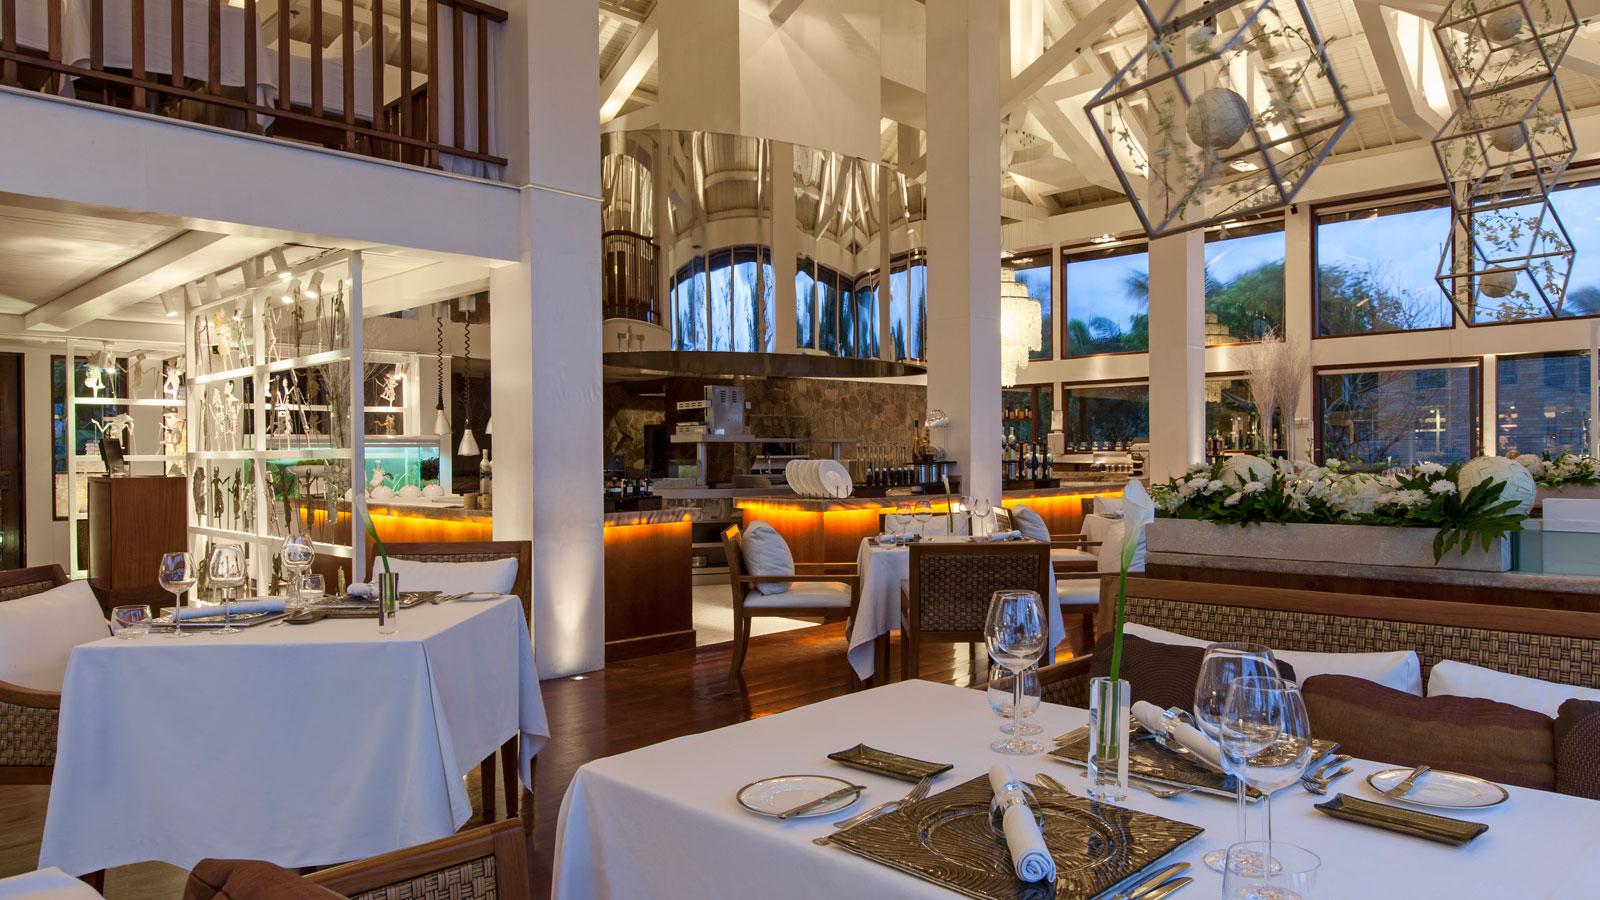 St Regis Bali Diskon 30 Untuk Restaurant Di Hotel Voucher Park Kuta